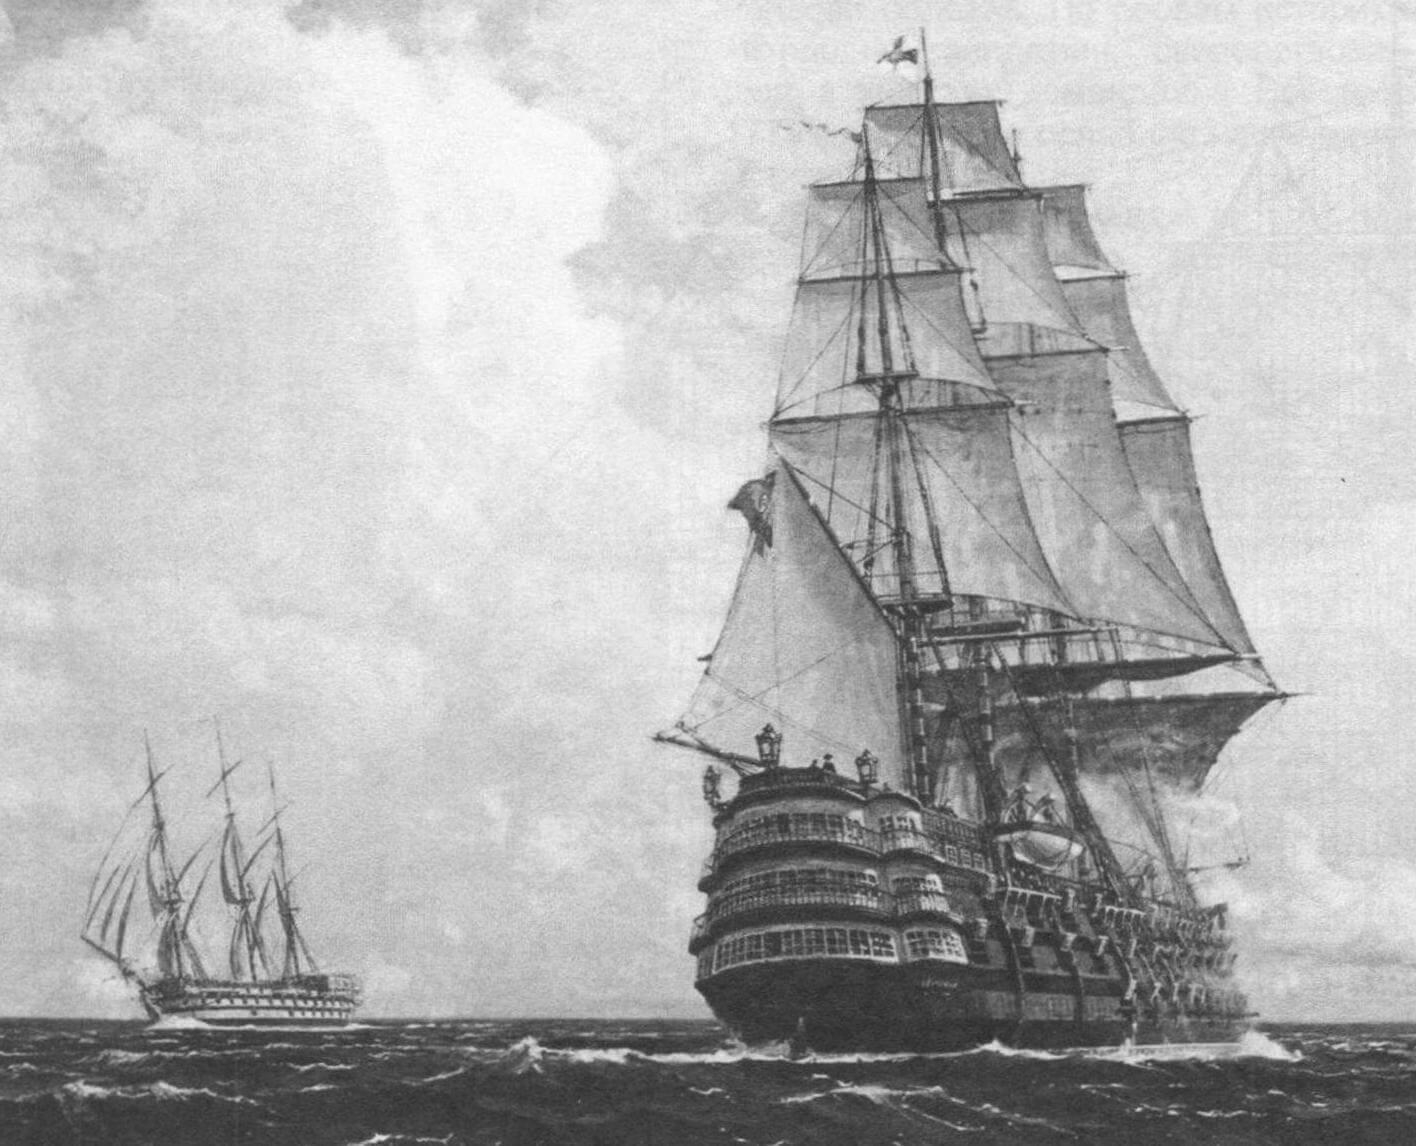 Модернизированный «Сантисима Тринидад» в море. Обратите внимание: на бизань-мачте вместо первоначального латинского паруса (и, соответственно, бизань-рю) появился грот